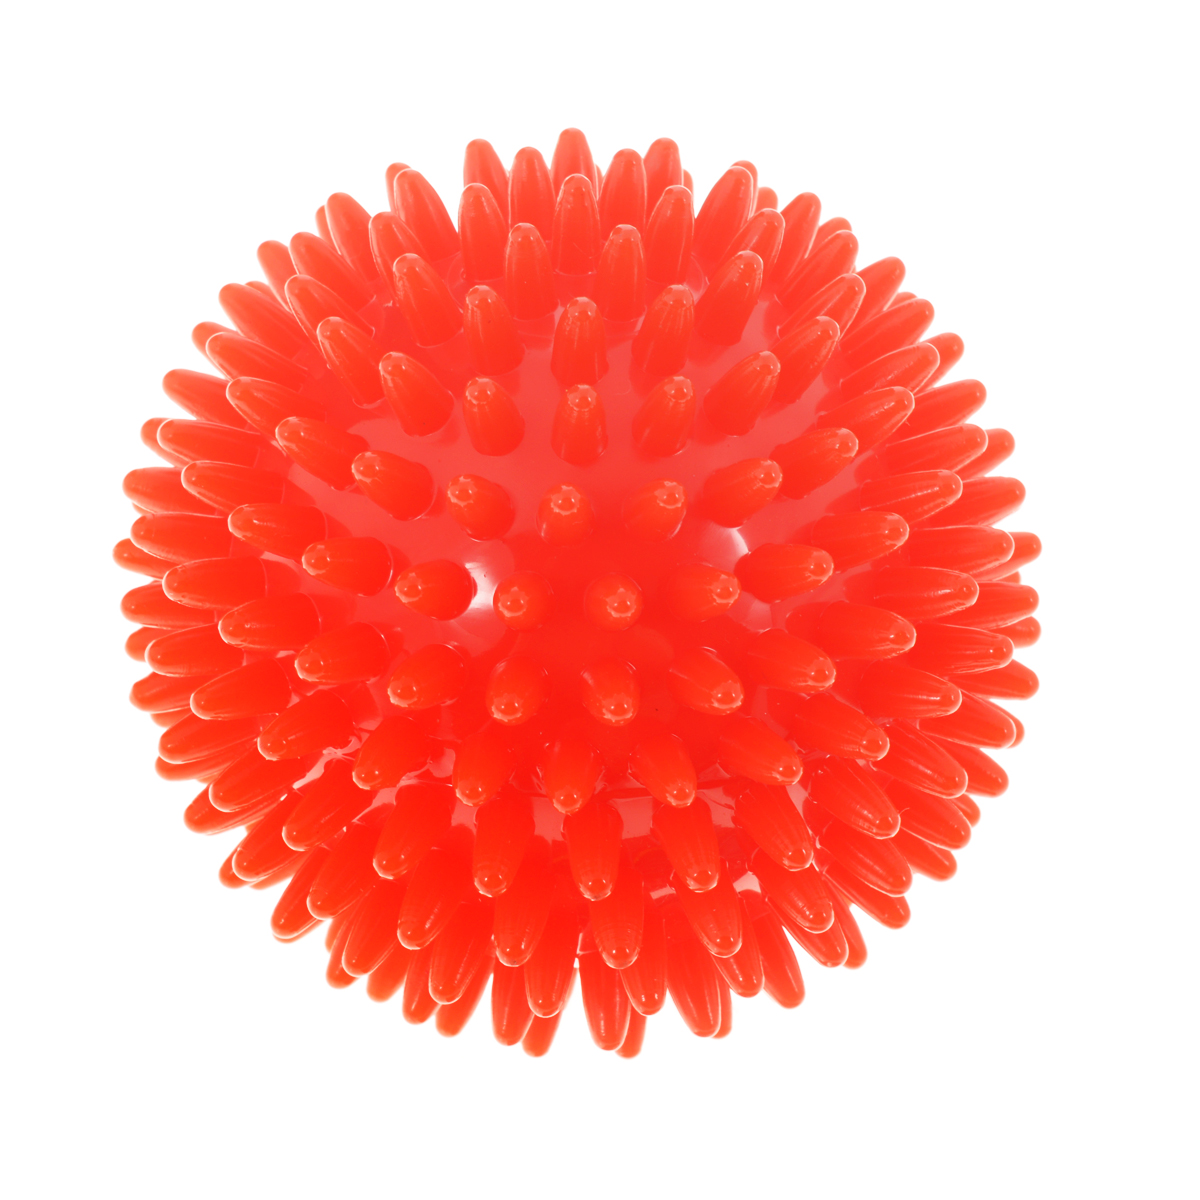 Игрушка для собак V.I.Pet Массажный мяч, цвет: красный, диаметр 7 см игрушка для собак dezzie мяч фигуры диаметр 7 см